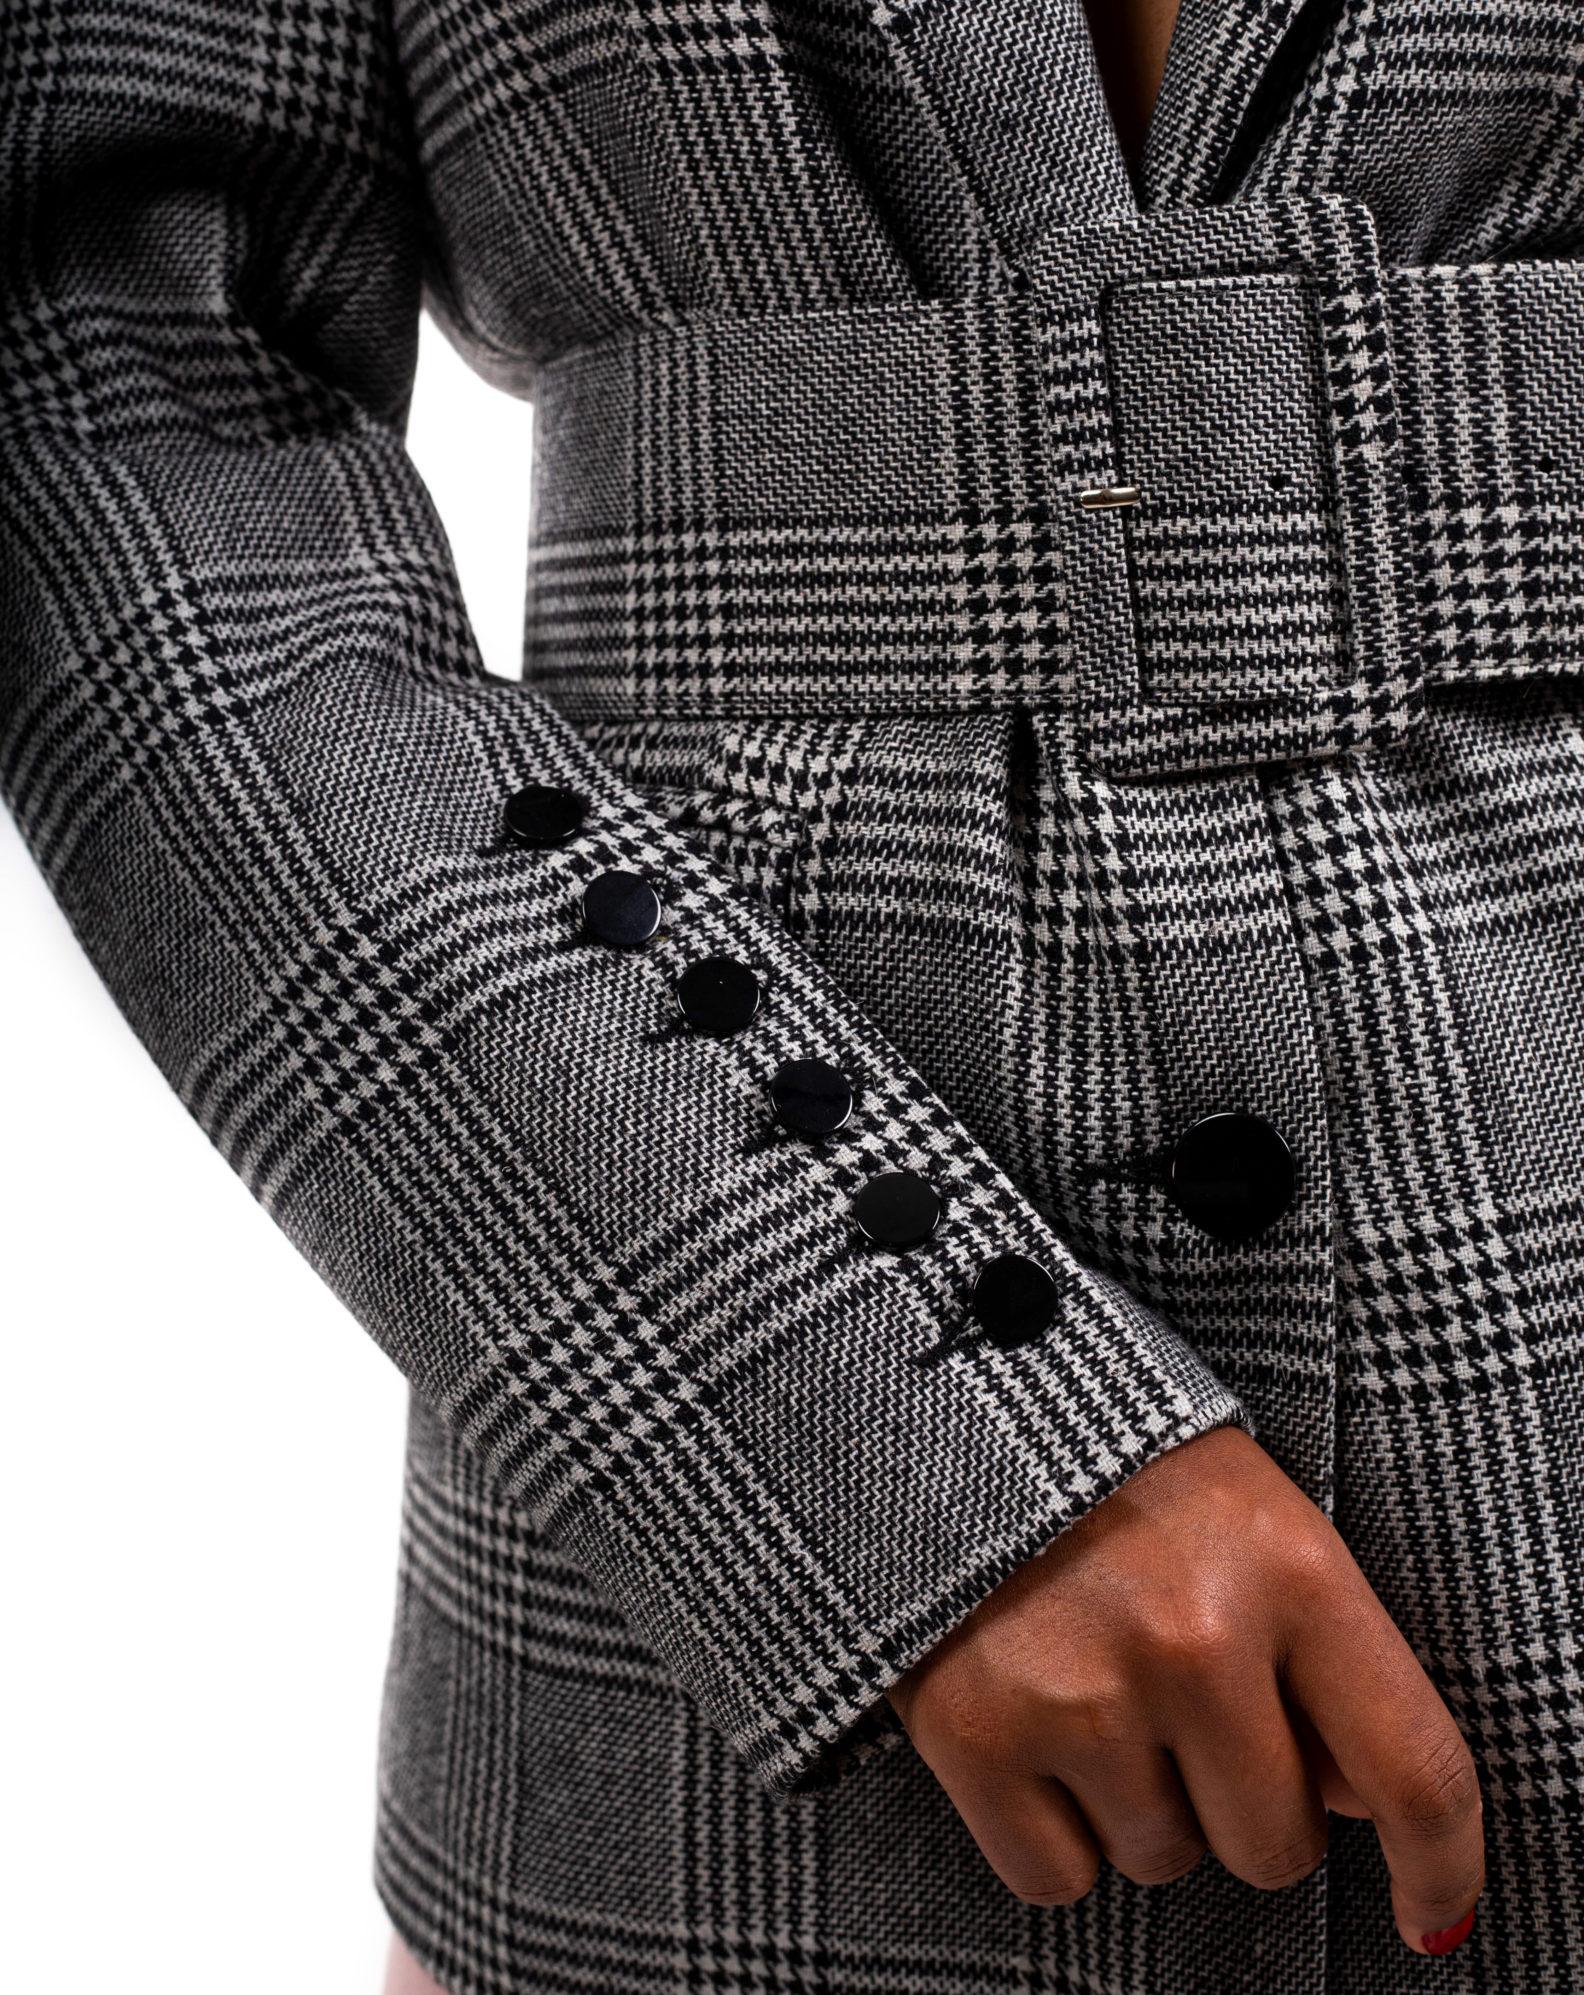 blazer-long-pied-de-poule-ceinture-charms-affaires-etrangeres-dog-tooth